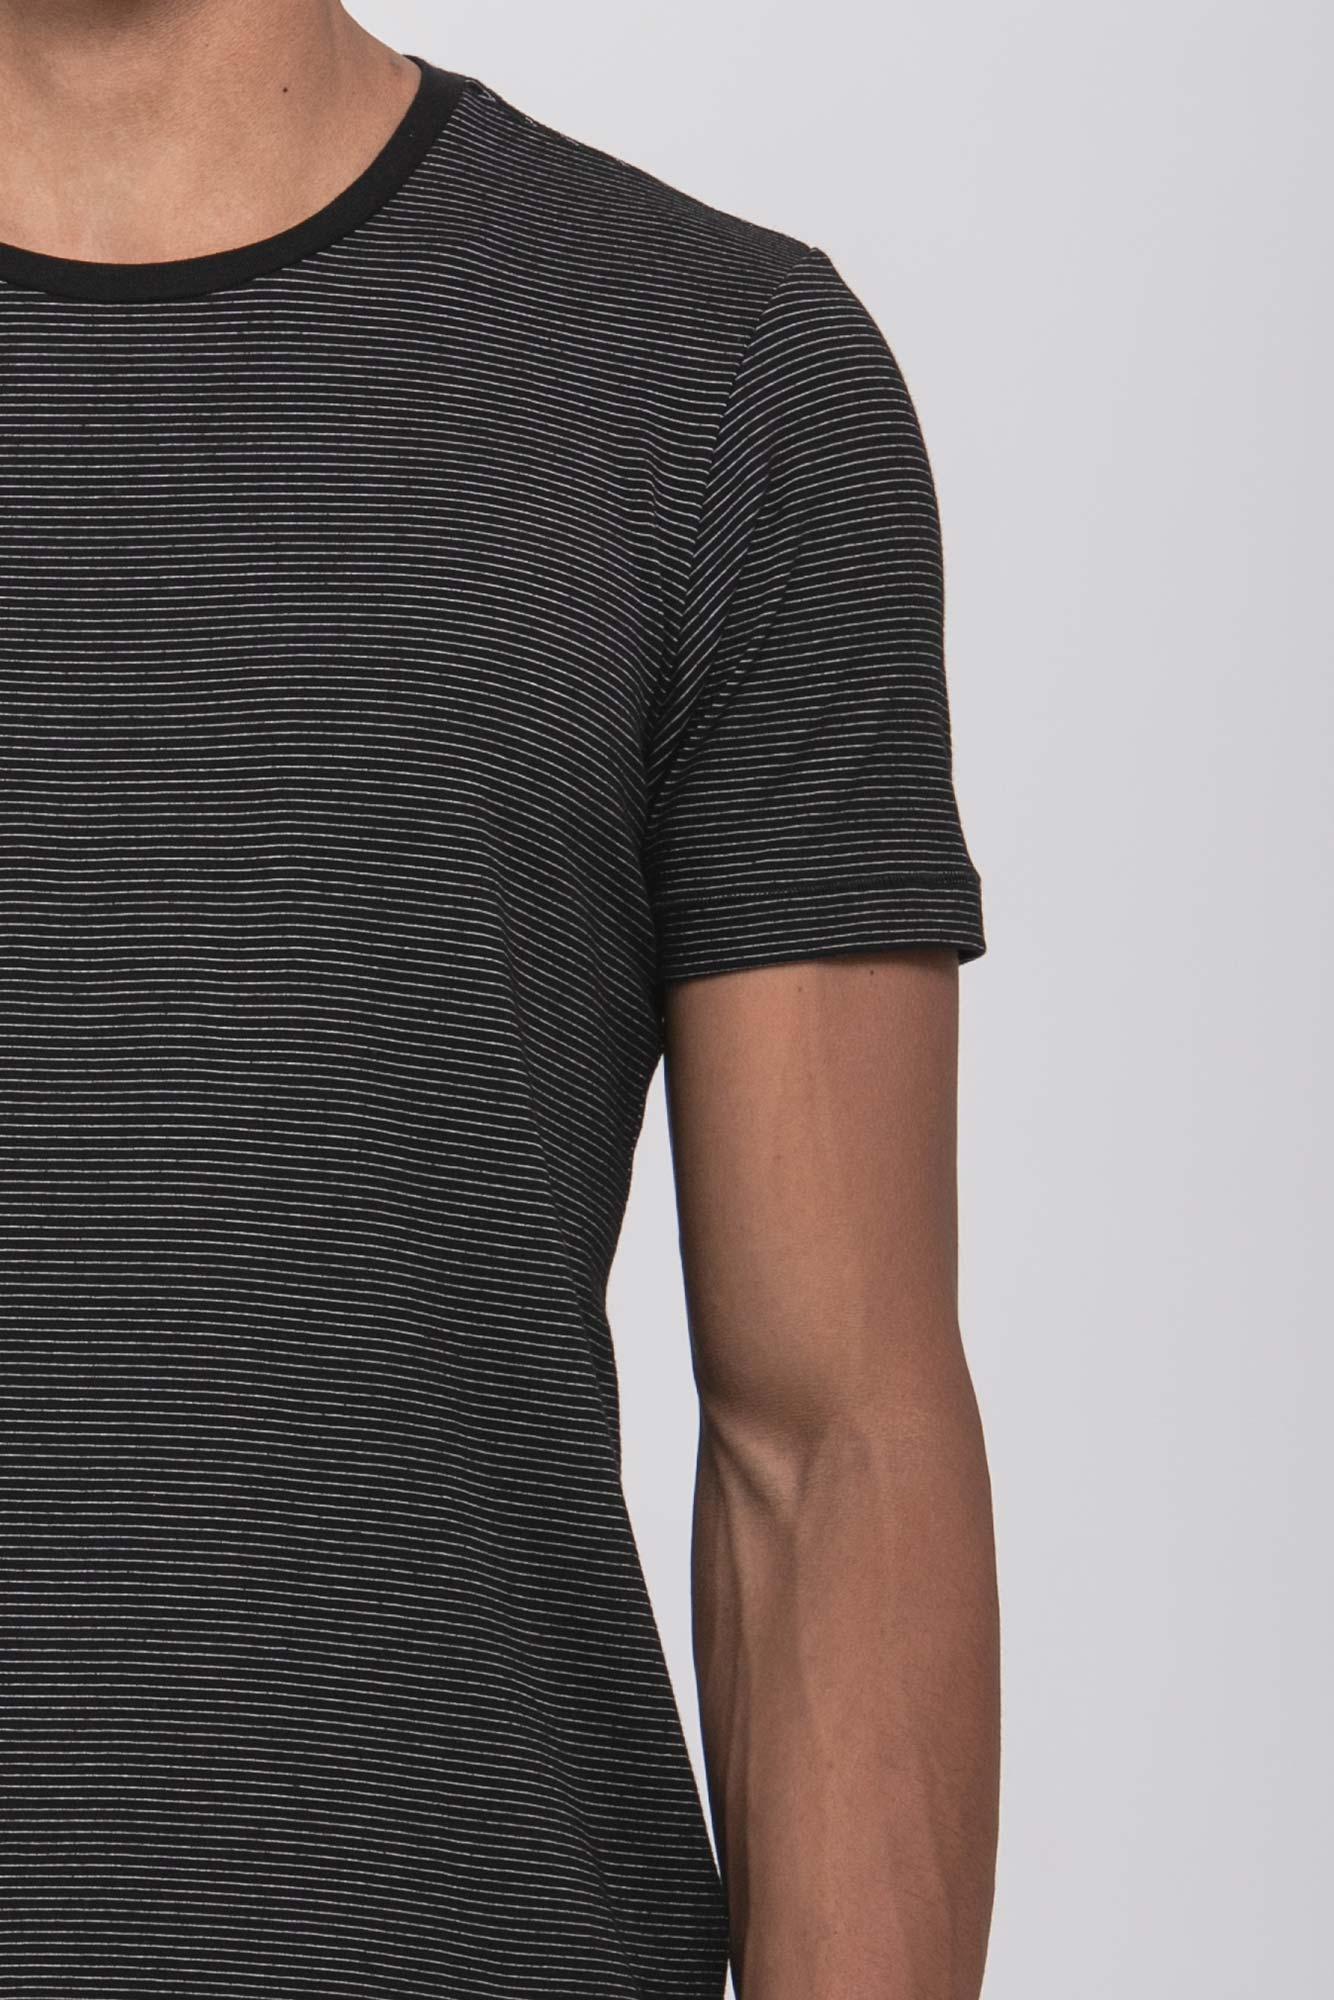 Camiseta Hype Mini Preta